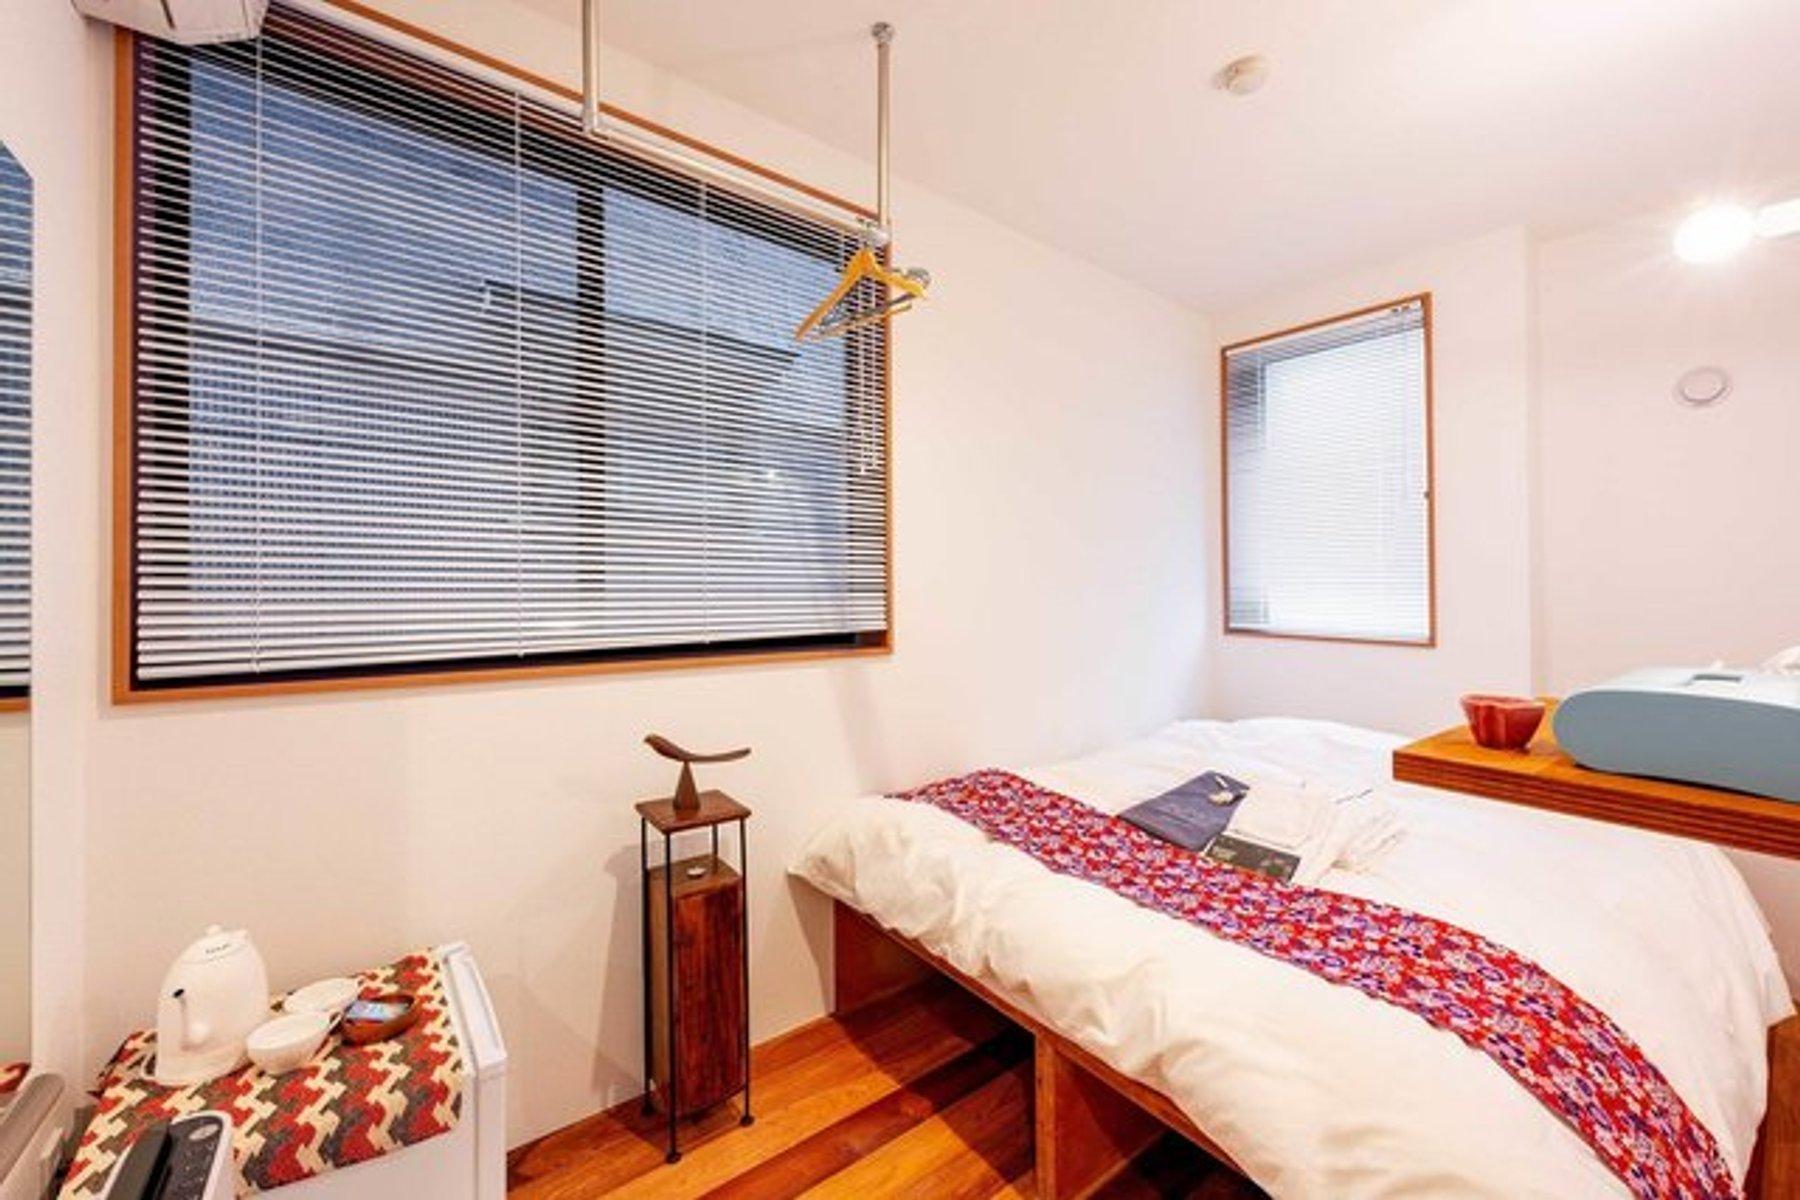 こちらのホテルでは、ドミトリータイプの部屋だけではなく、個室の部屋も用意されています。長期間過ごすのであれば、こうした内装のかわいらしさもポイントが高い!ベッド下に大きめの収納スペースがあるのもいいですね。